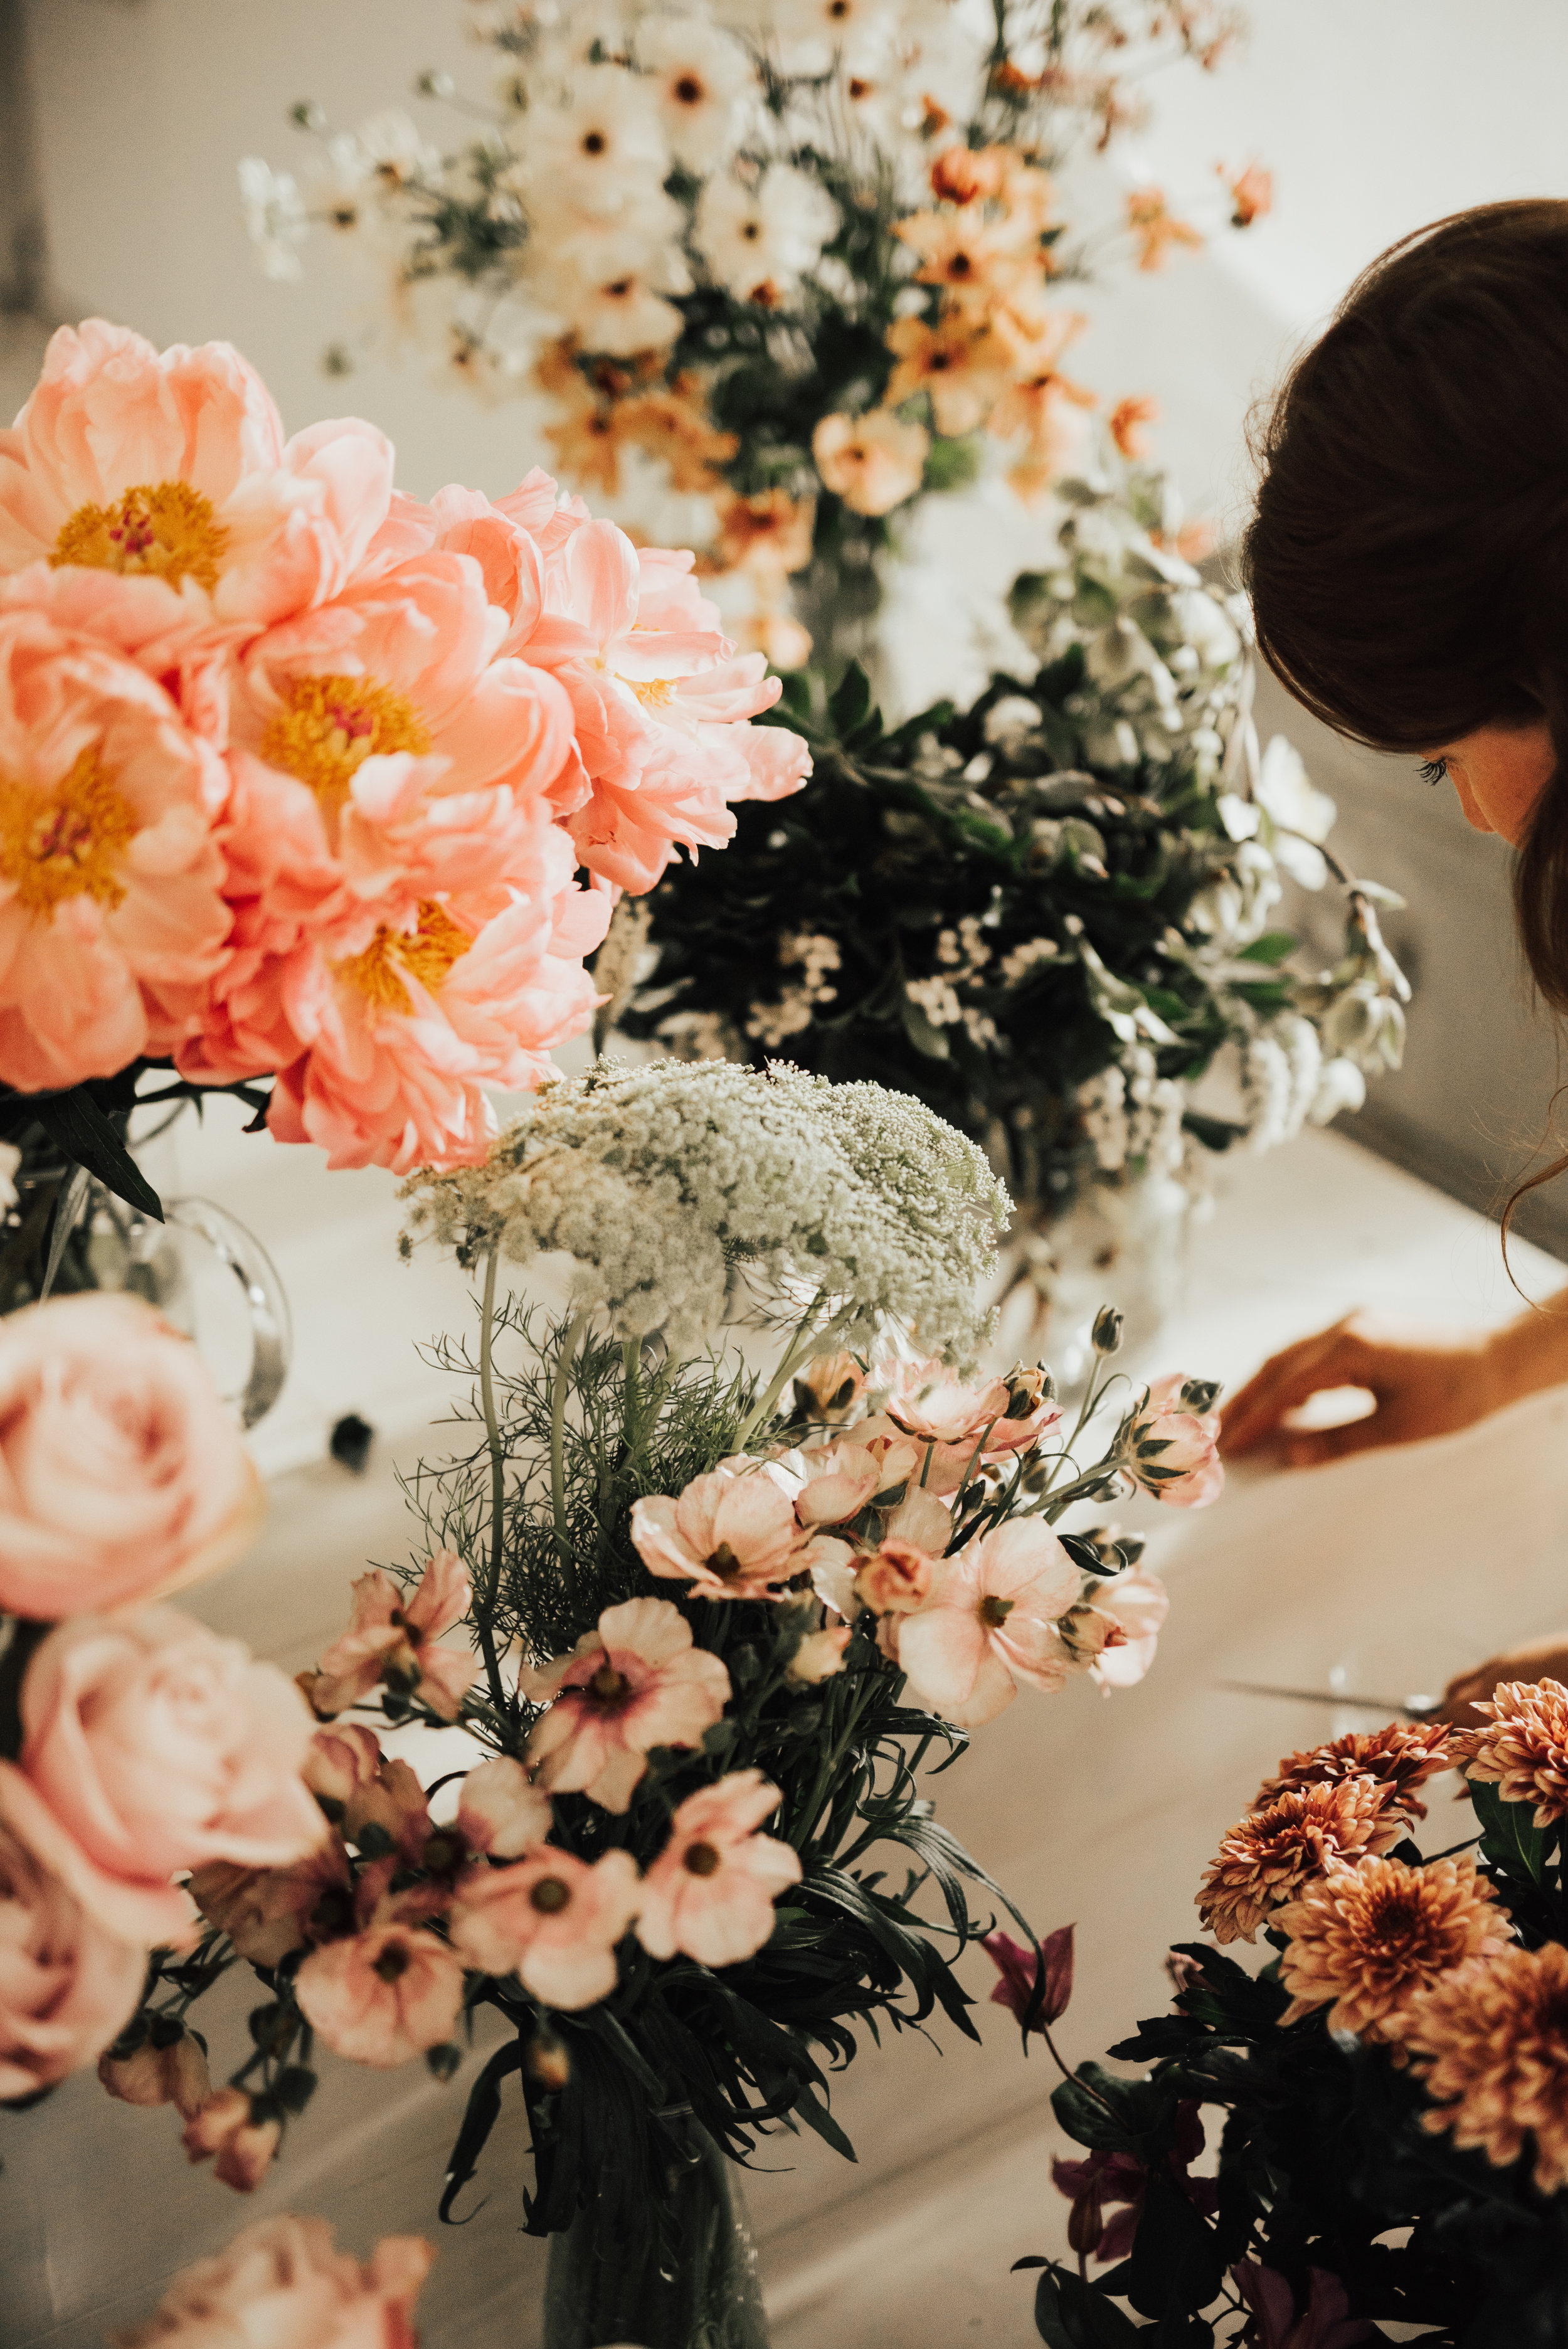 LinnsejPhotography_workshop_skillad_floral_-8.jpg